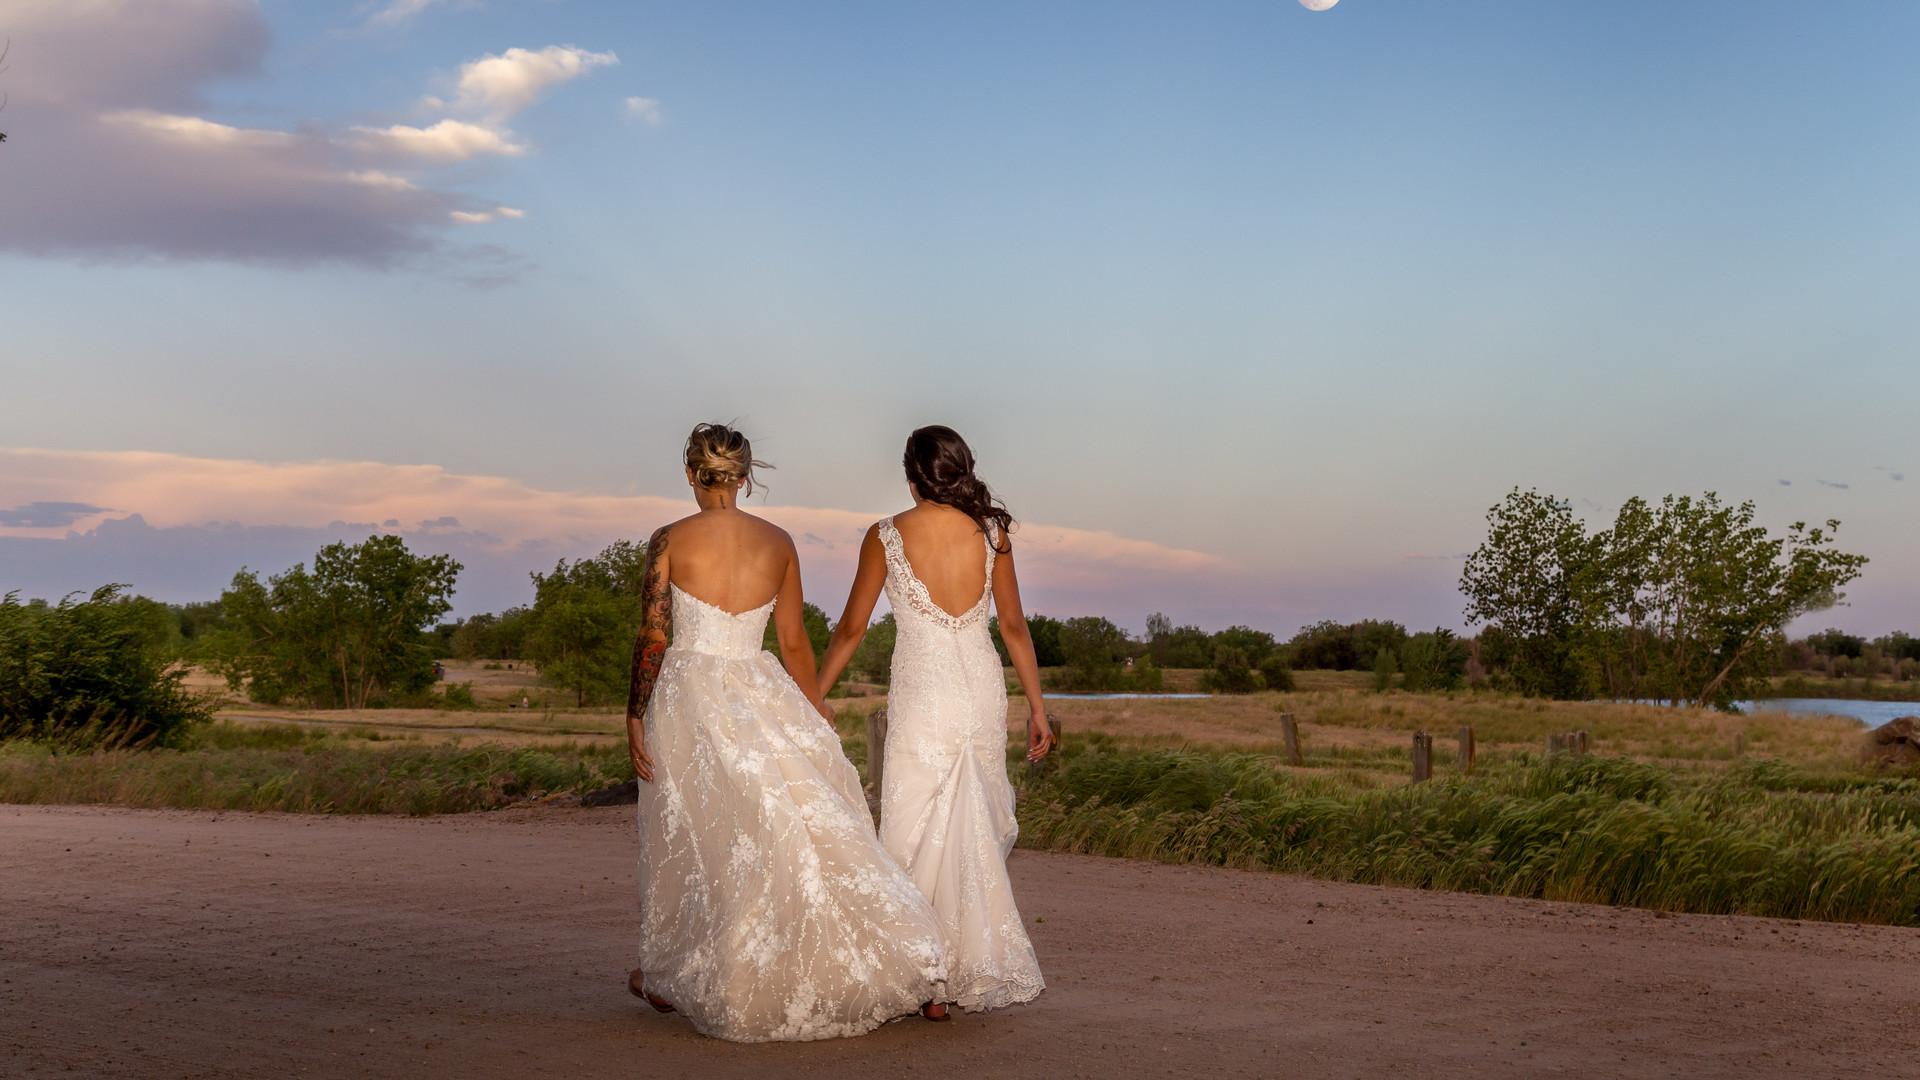 LAB Photography Denver - Colorado Photog